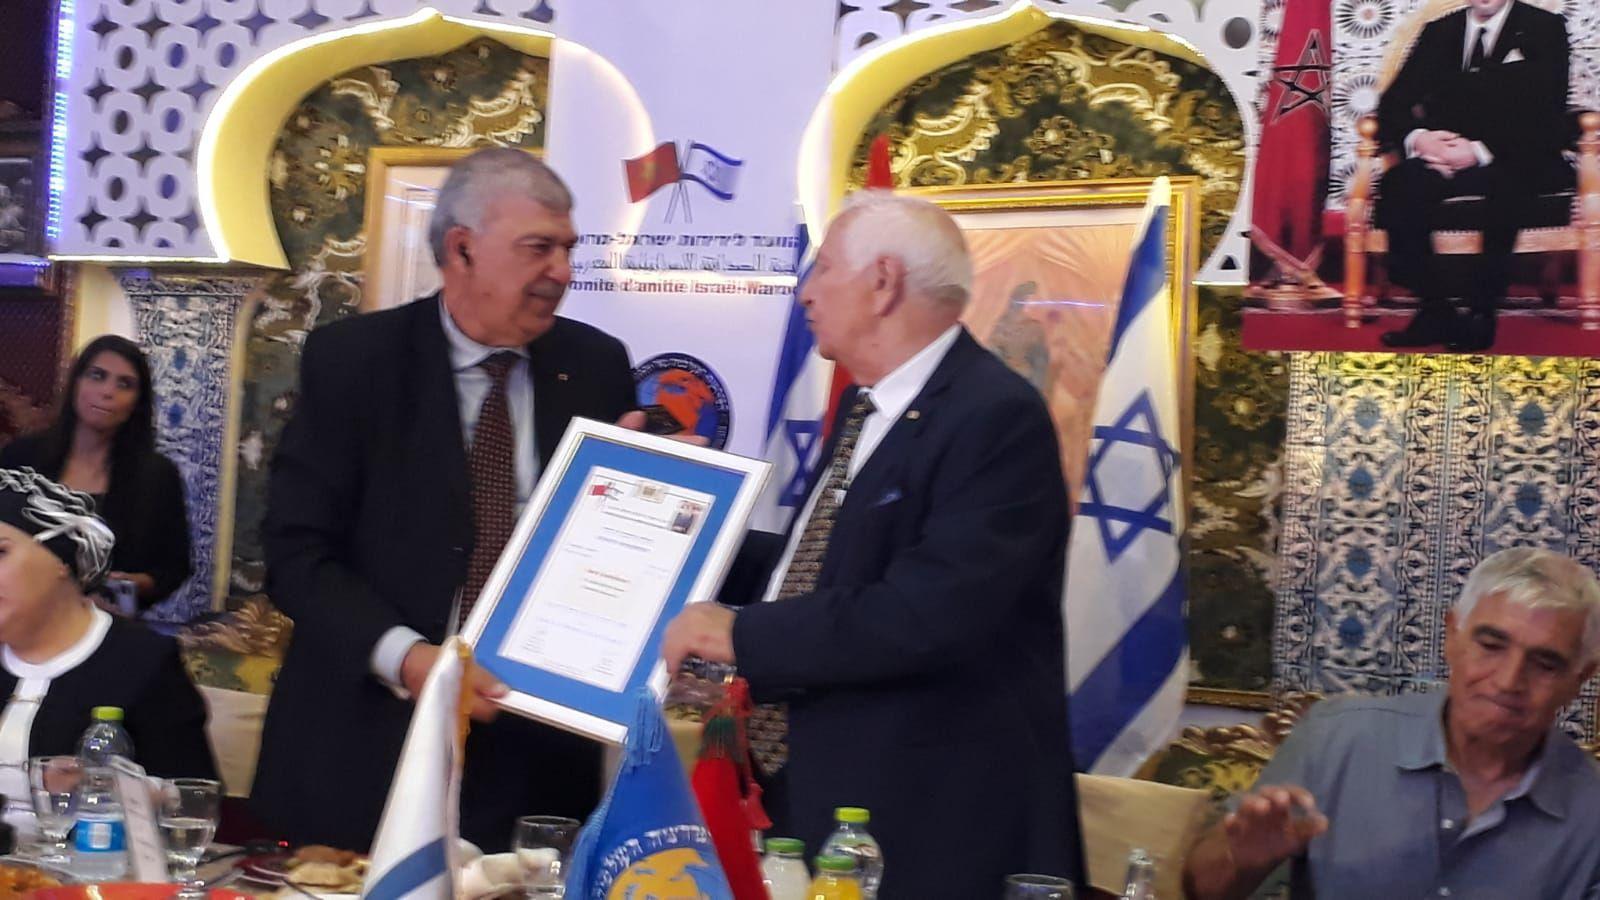 القدس: انعقاد جلسة للجنة الصداقة الاسرائيلية المغربية بحضور الرحيم بيوض و مائير بن شابات